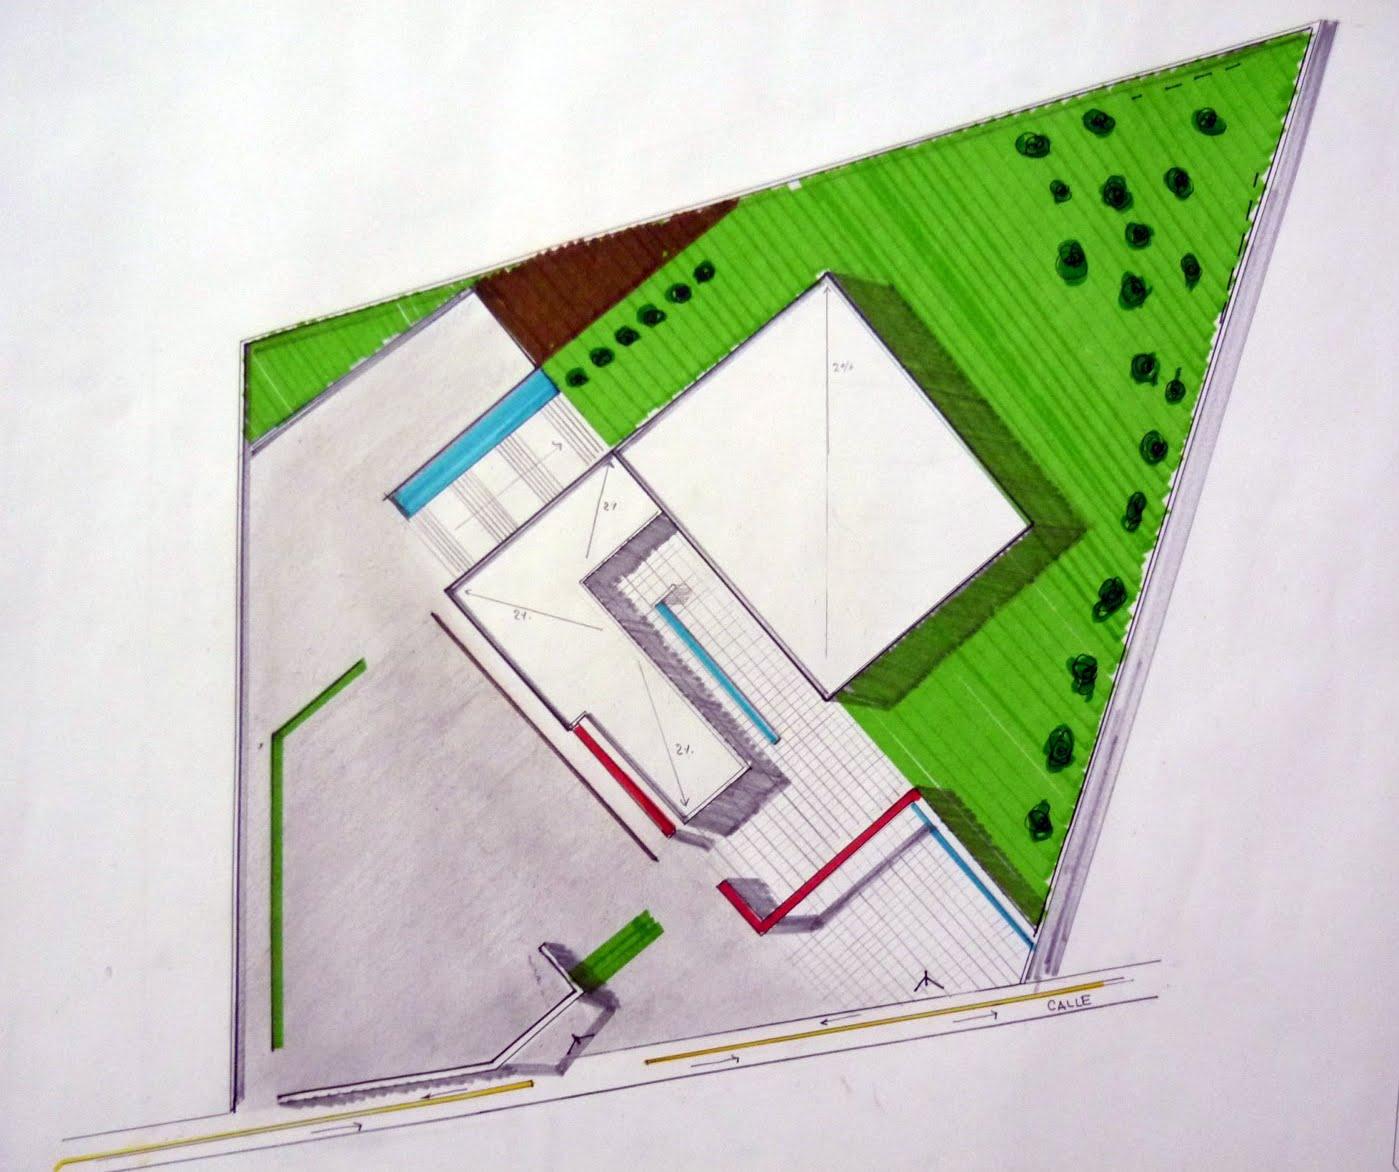 Fases de dise o planta arquitect nica de conjunto for Que es una planta arquitectonica